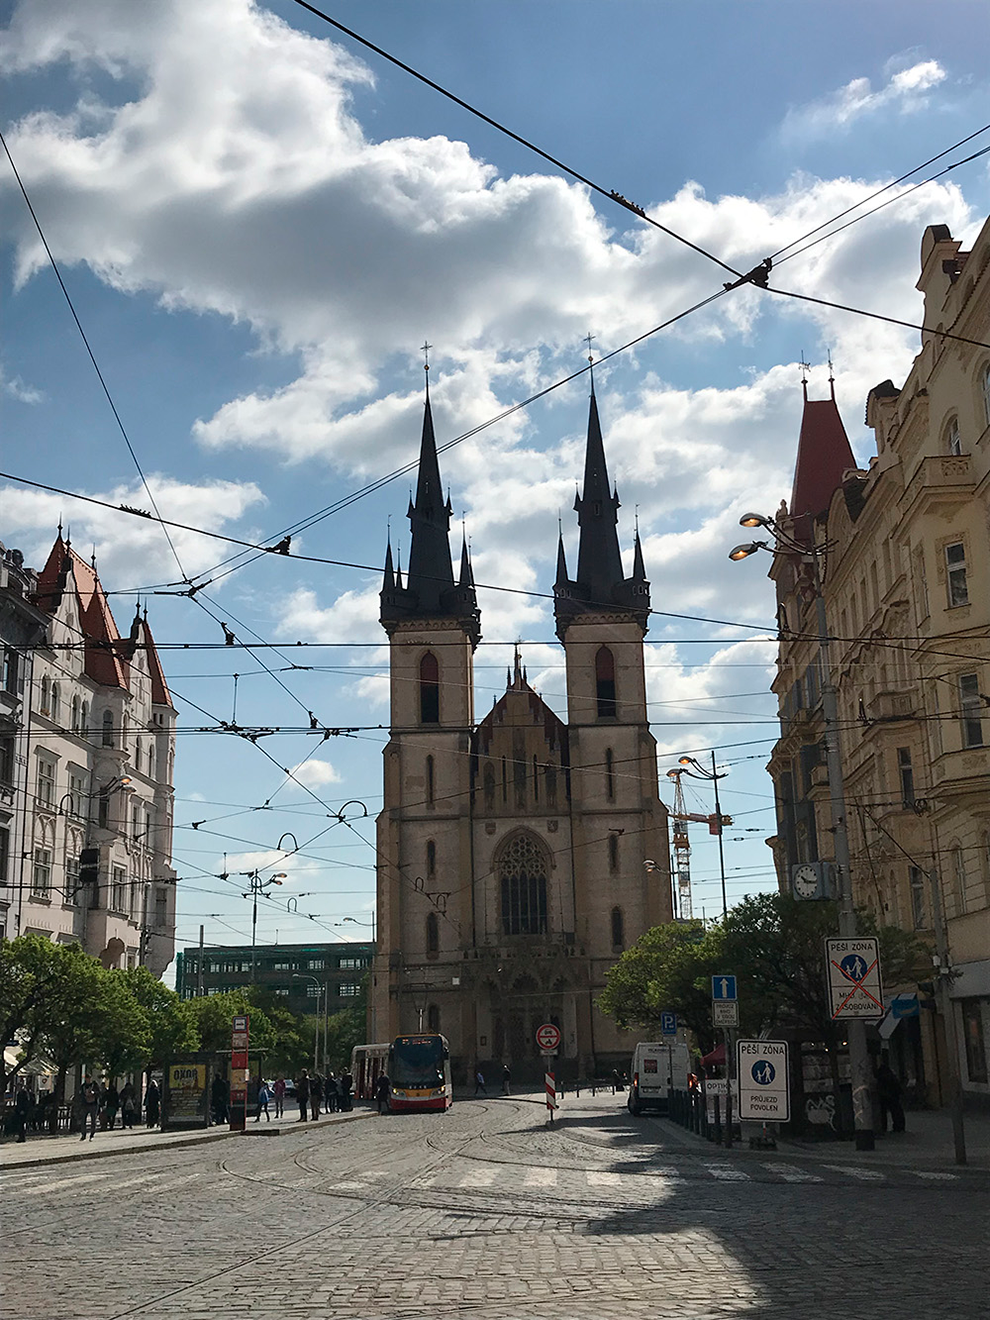 Костел Святого Антония Падуанского находится в пешей доступности от квартиры, которую мы снимали в Праге. Каждое утро мы шли гулять мимо него